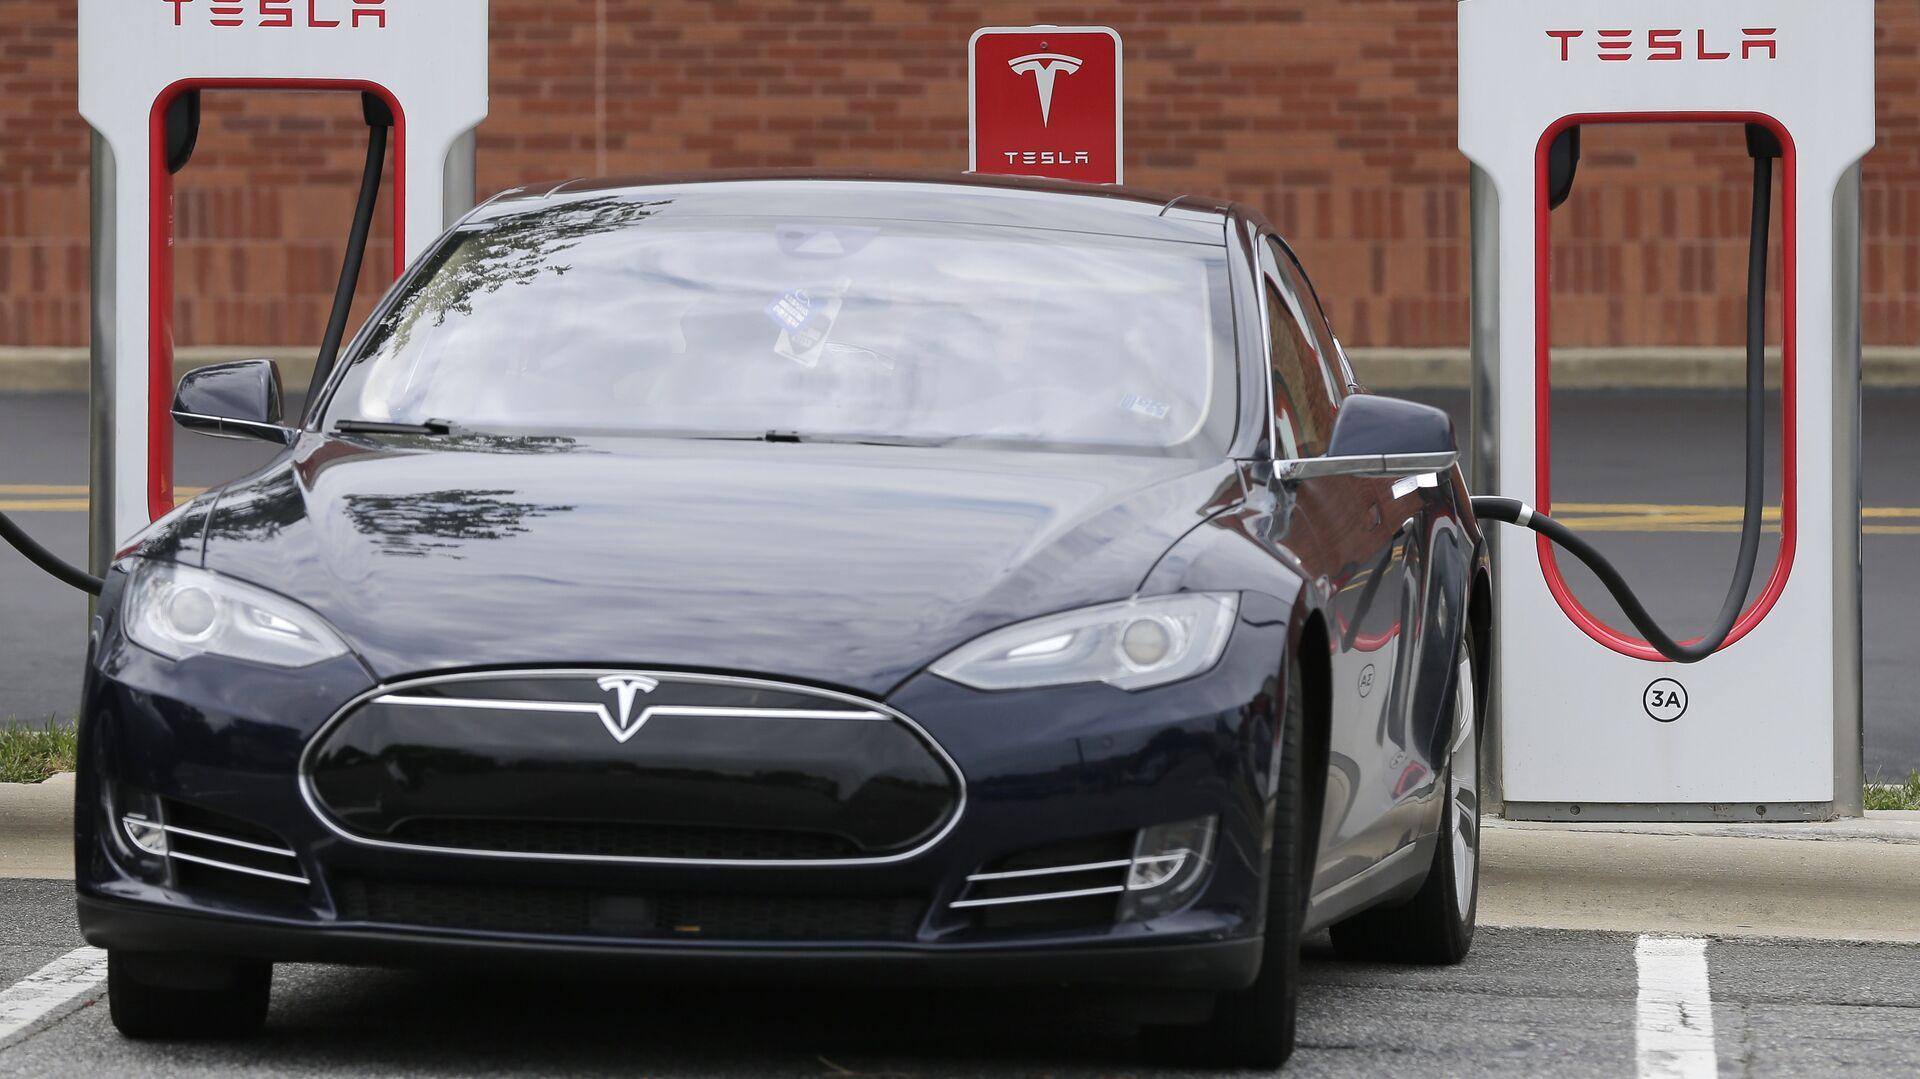 Автомобиль Tesla во время зарядки - РИА Новости, 1920, 14.01.2021